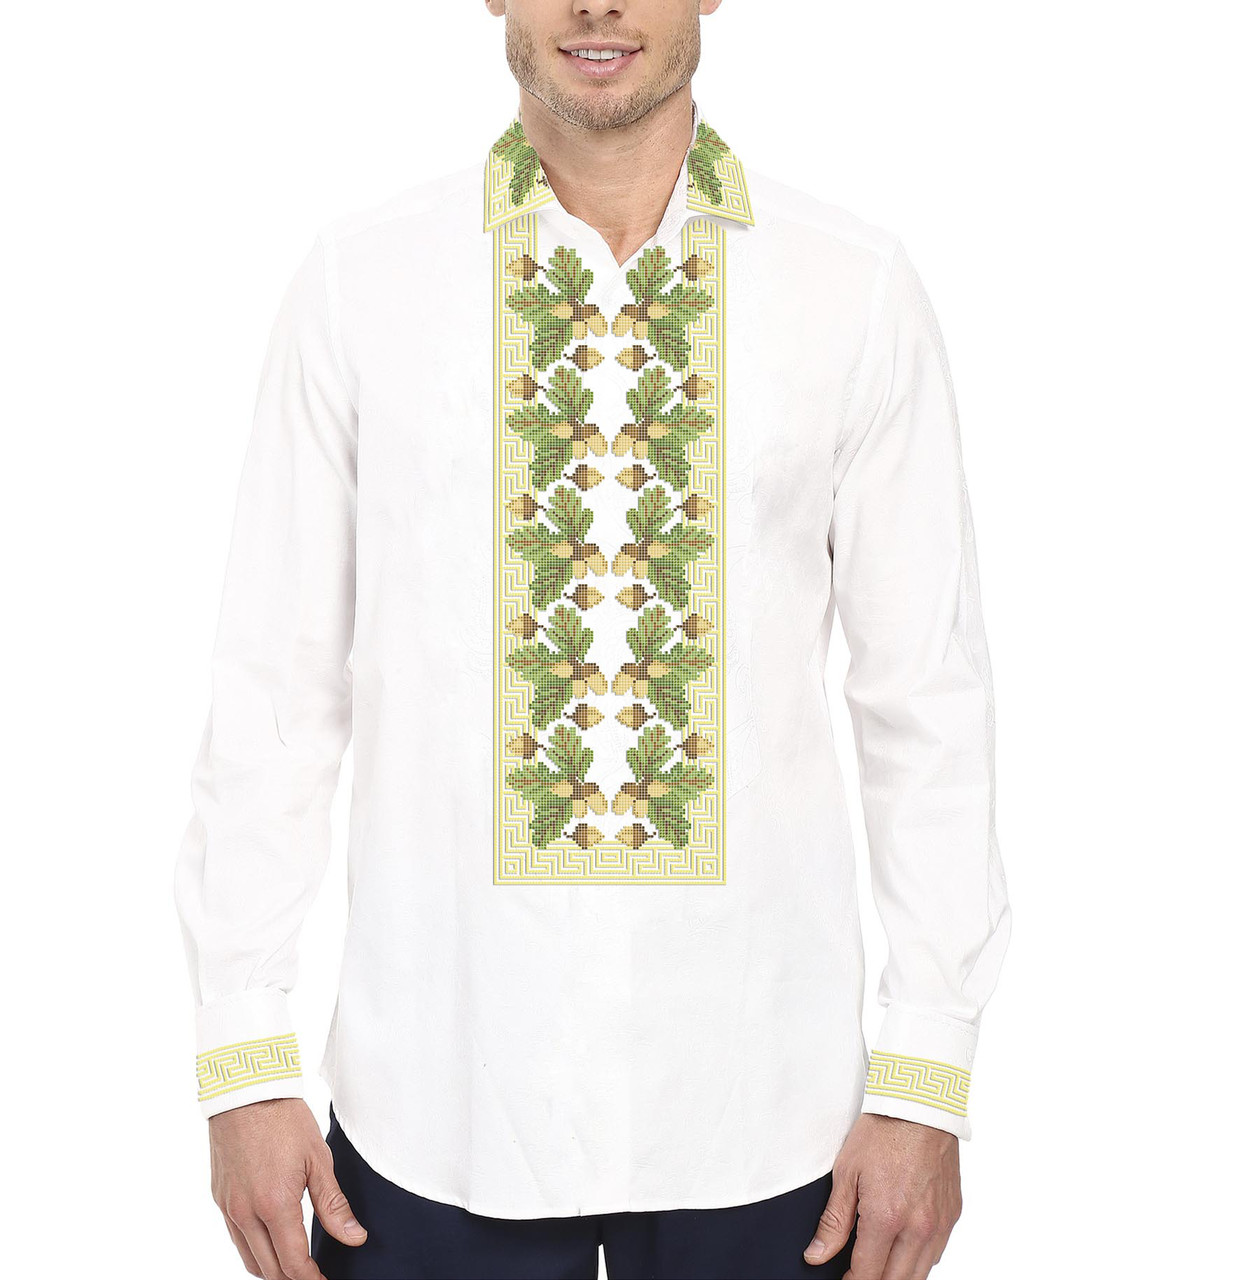 Заготовка чоловічої сорочки та вишиванки для вишивки чи вишивання бісером  Бисерок «Дубочки 520» ( 350bb0686bd47